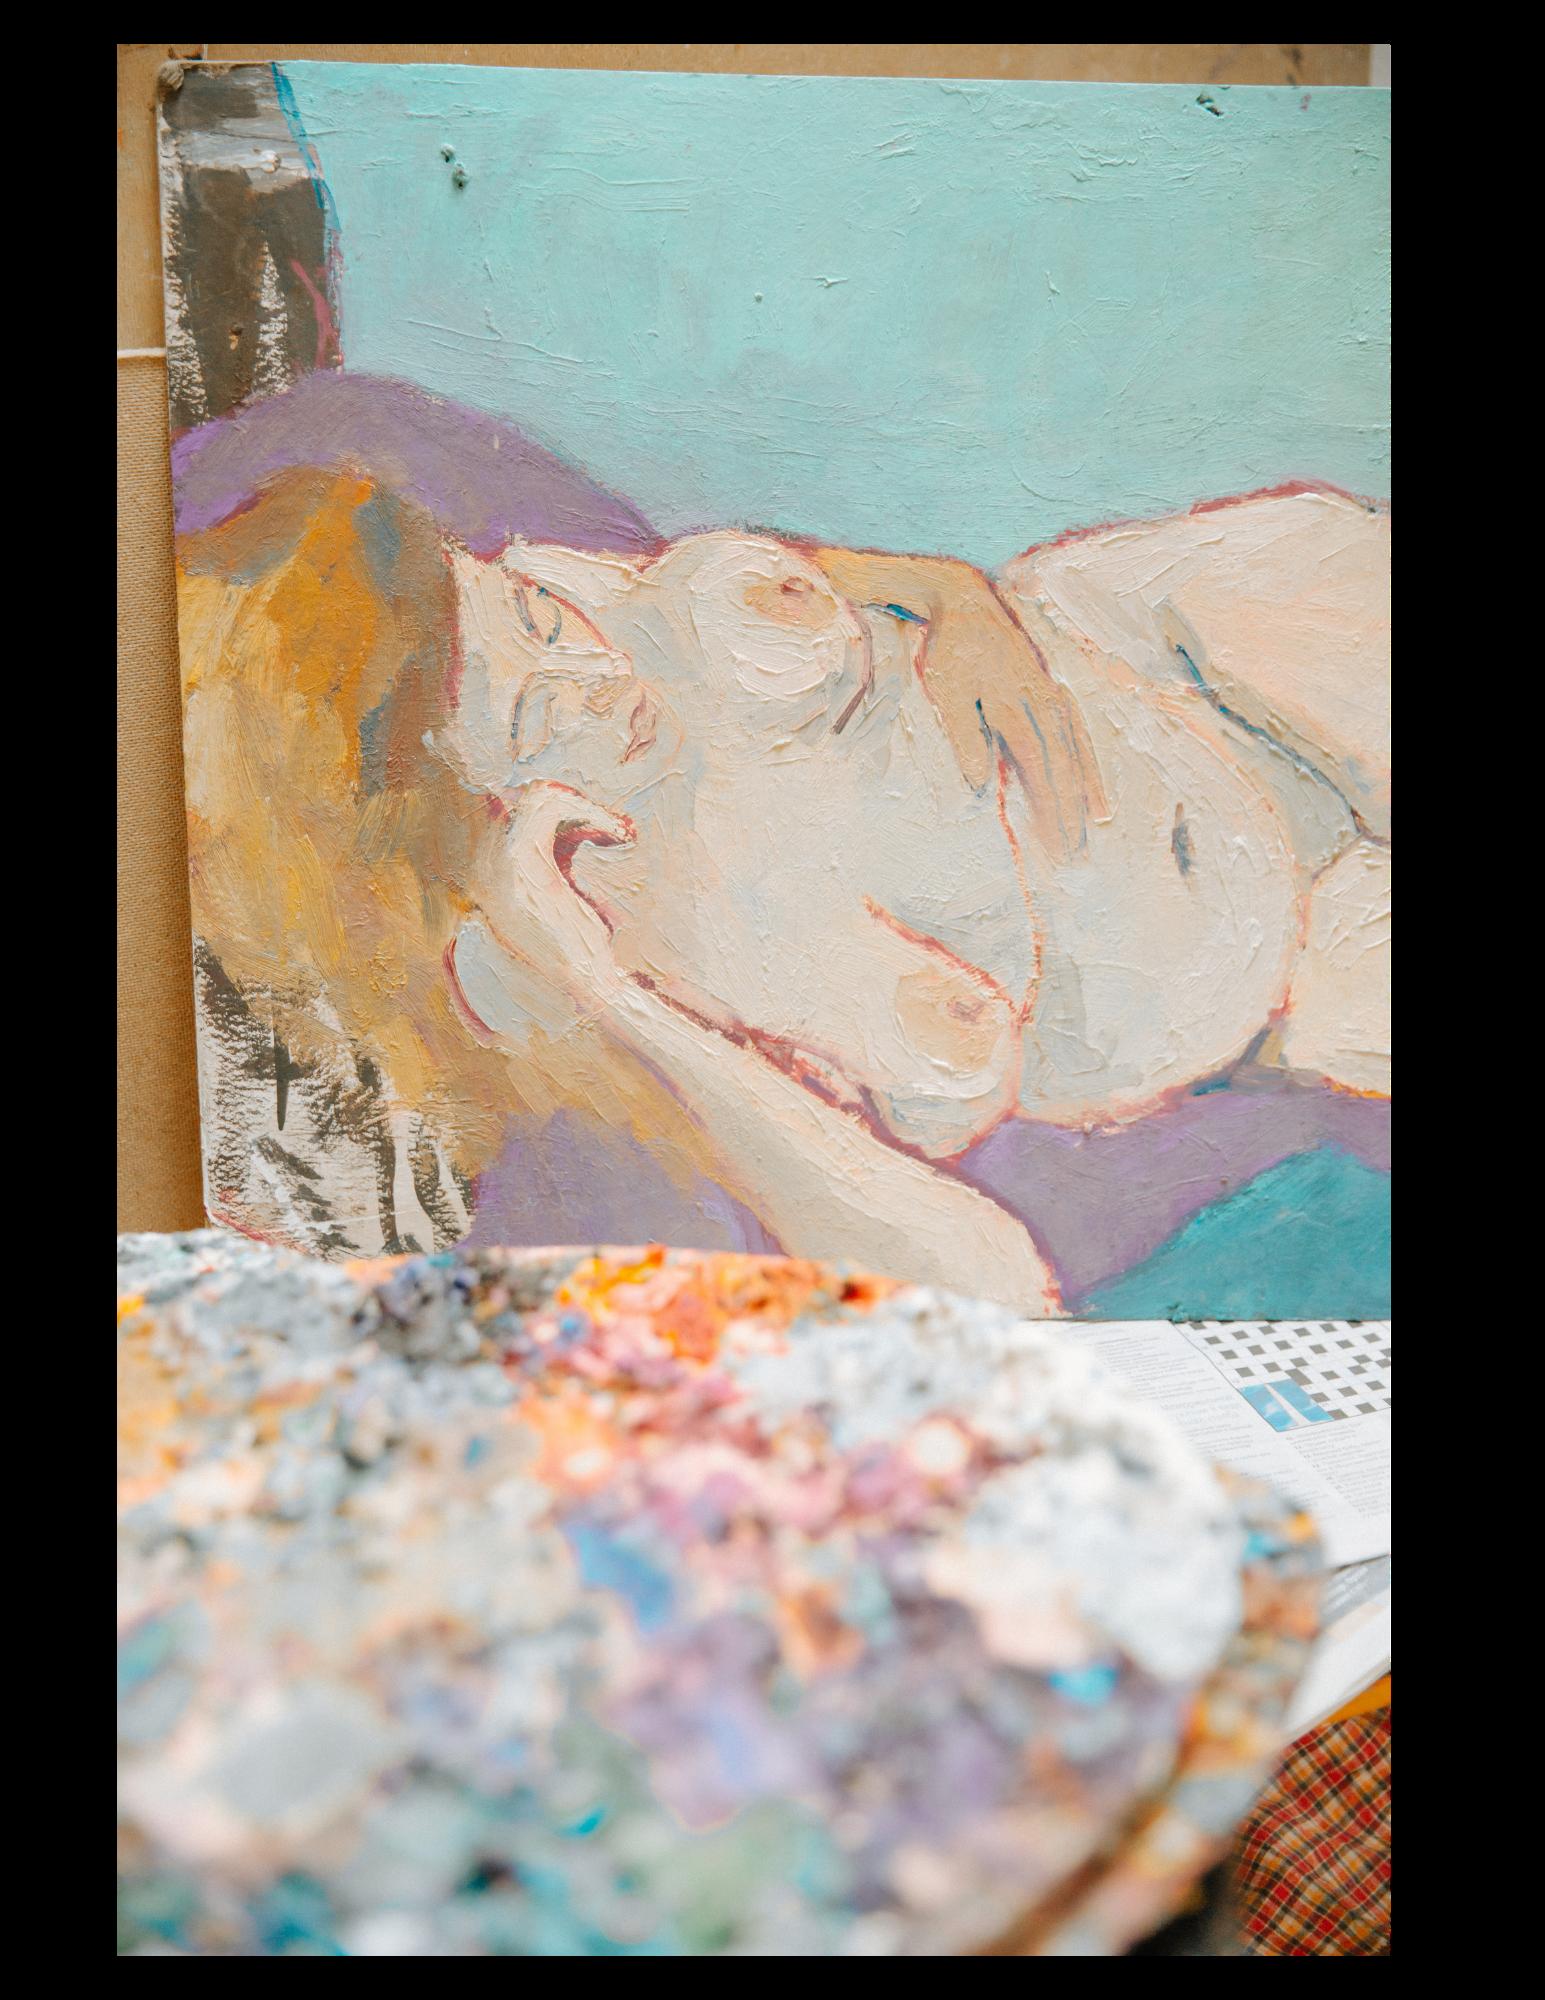 peinture d'une femme nue en illustration au métier de sage femme